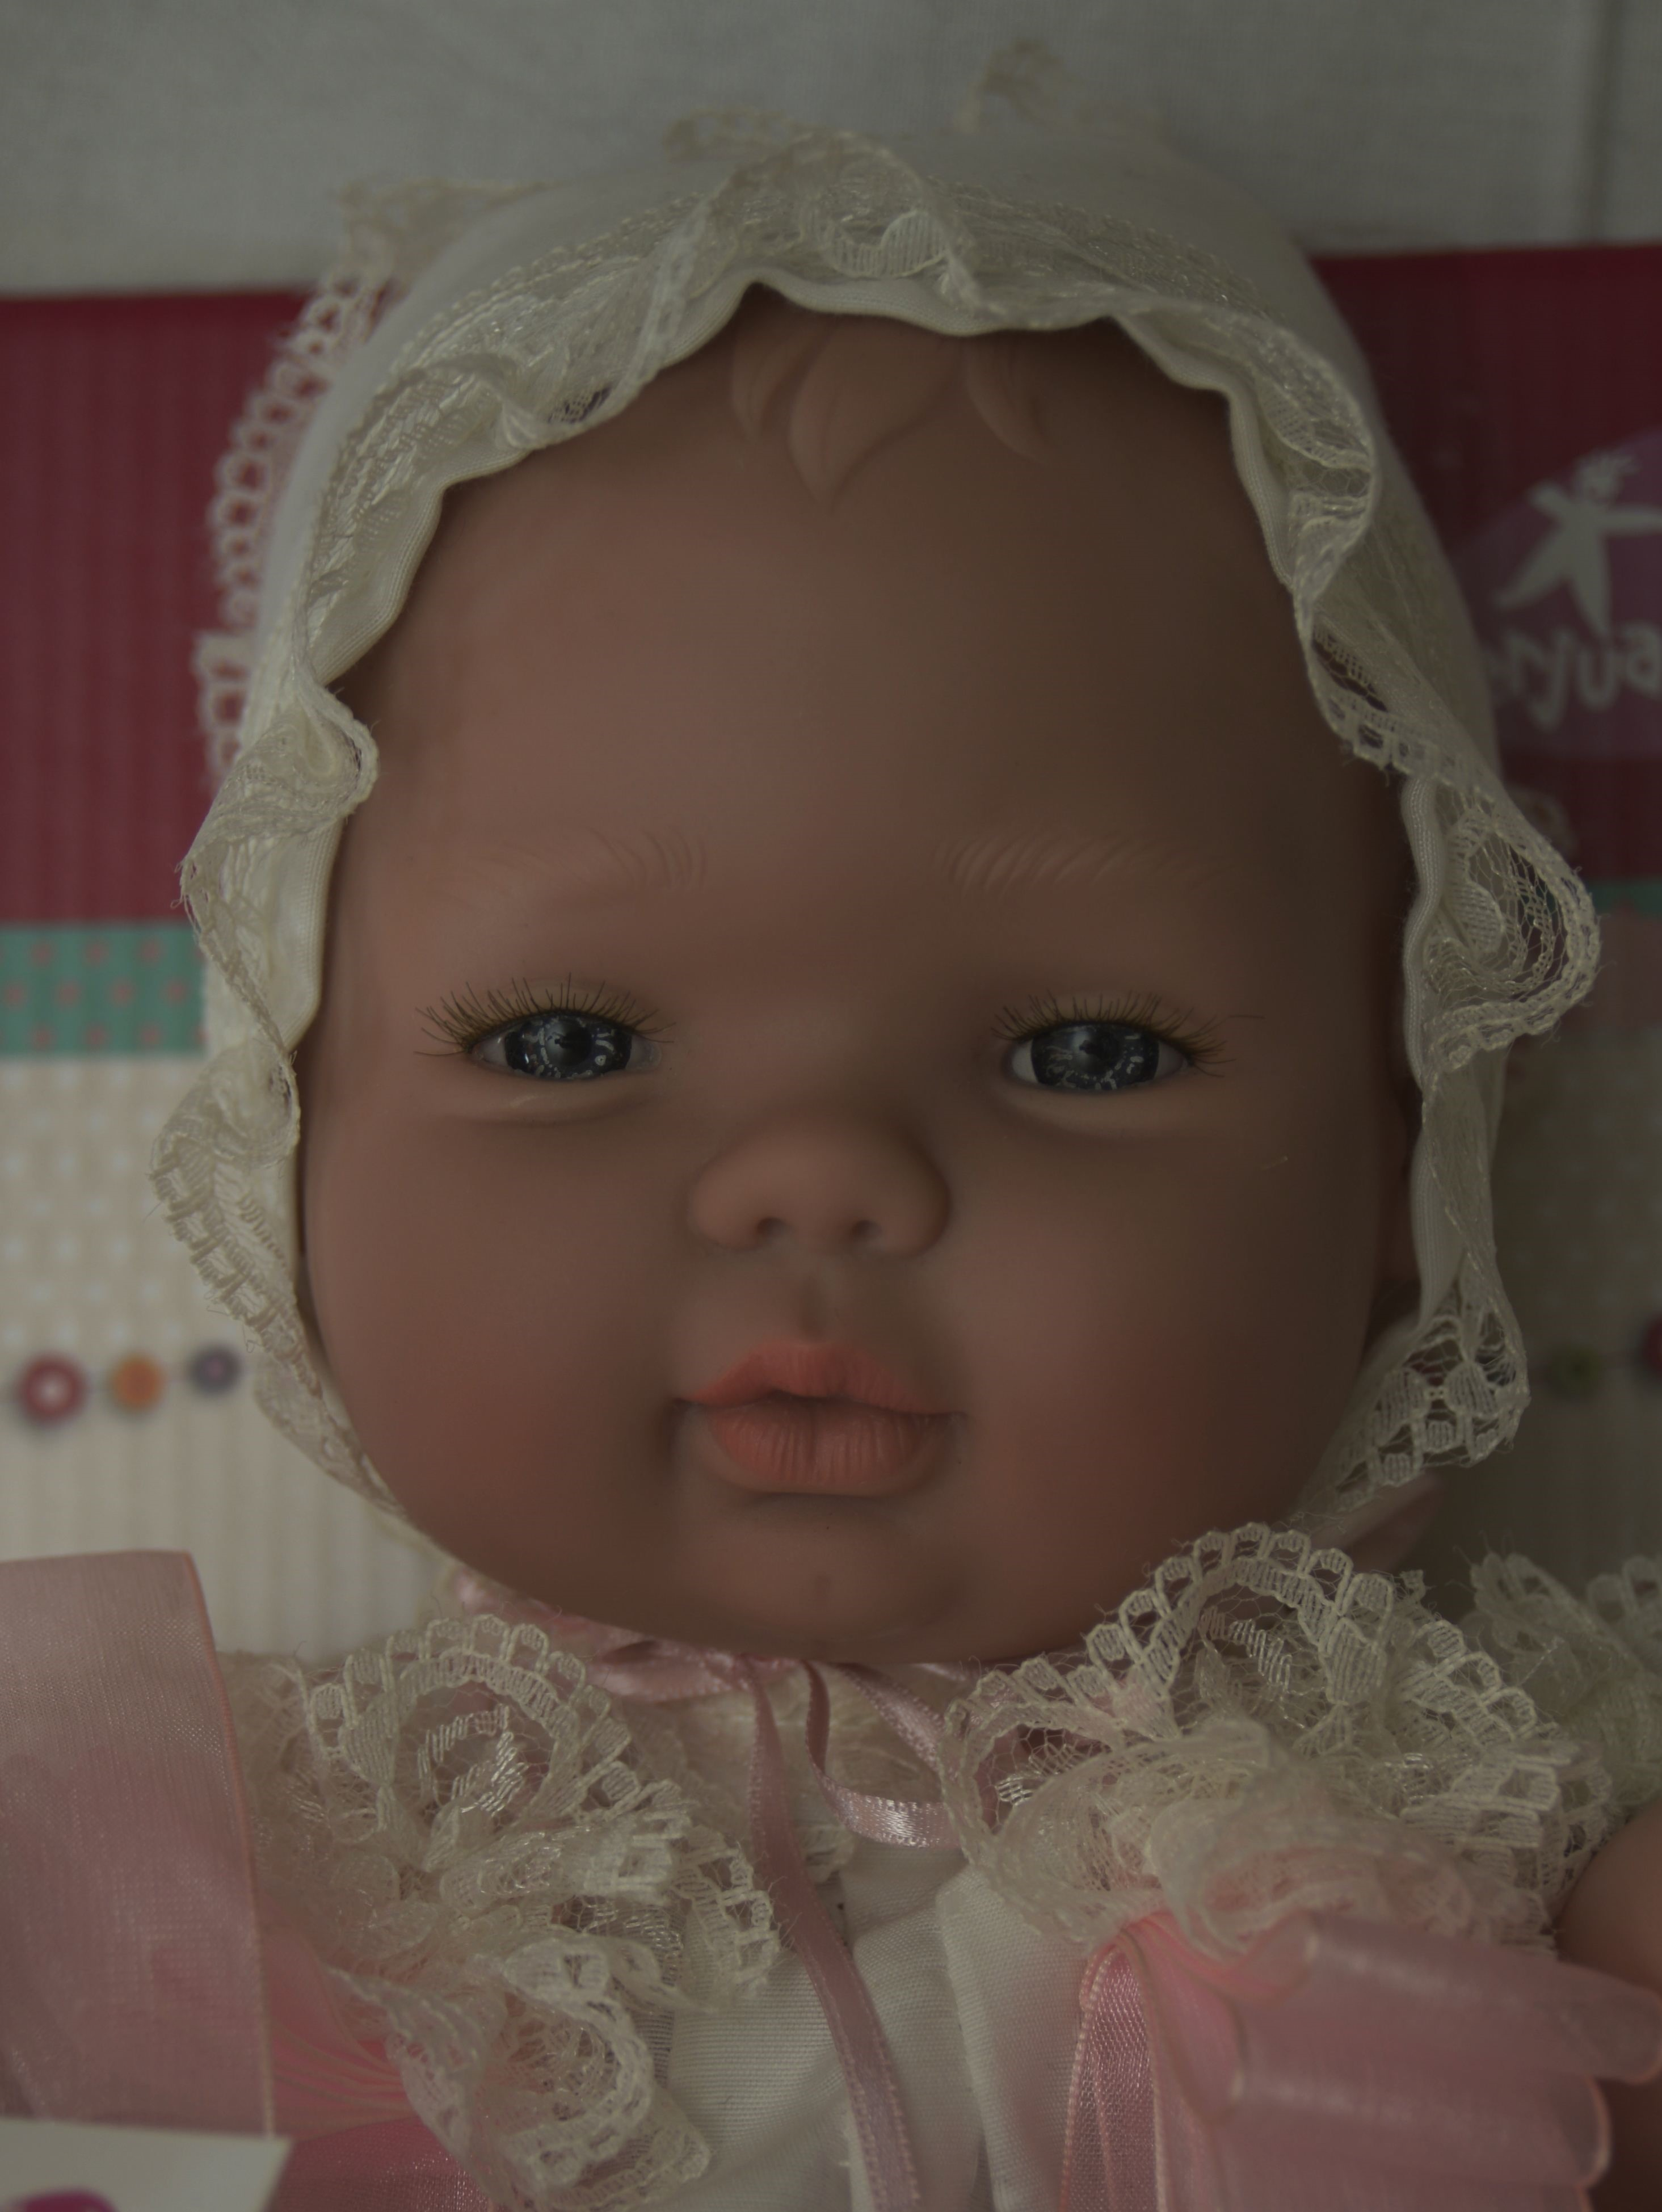 Realistické miminko holčička v oblečena ke křtu od firmy Berjuan ze Španělska